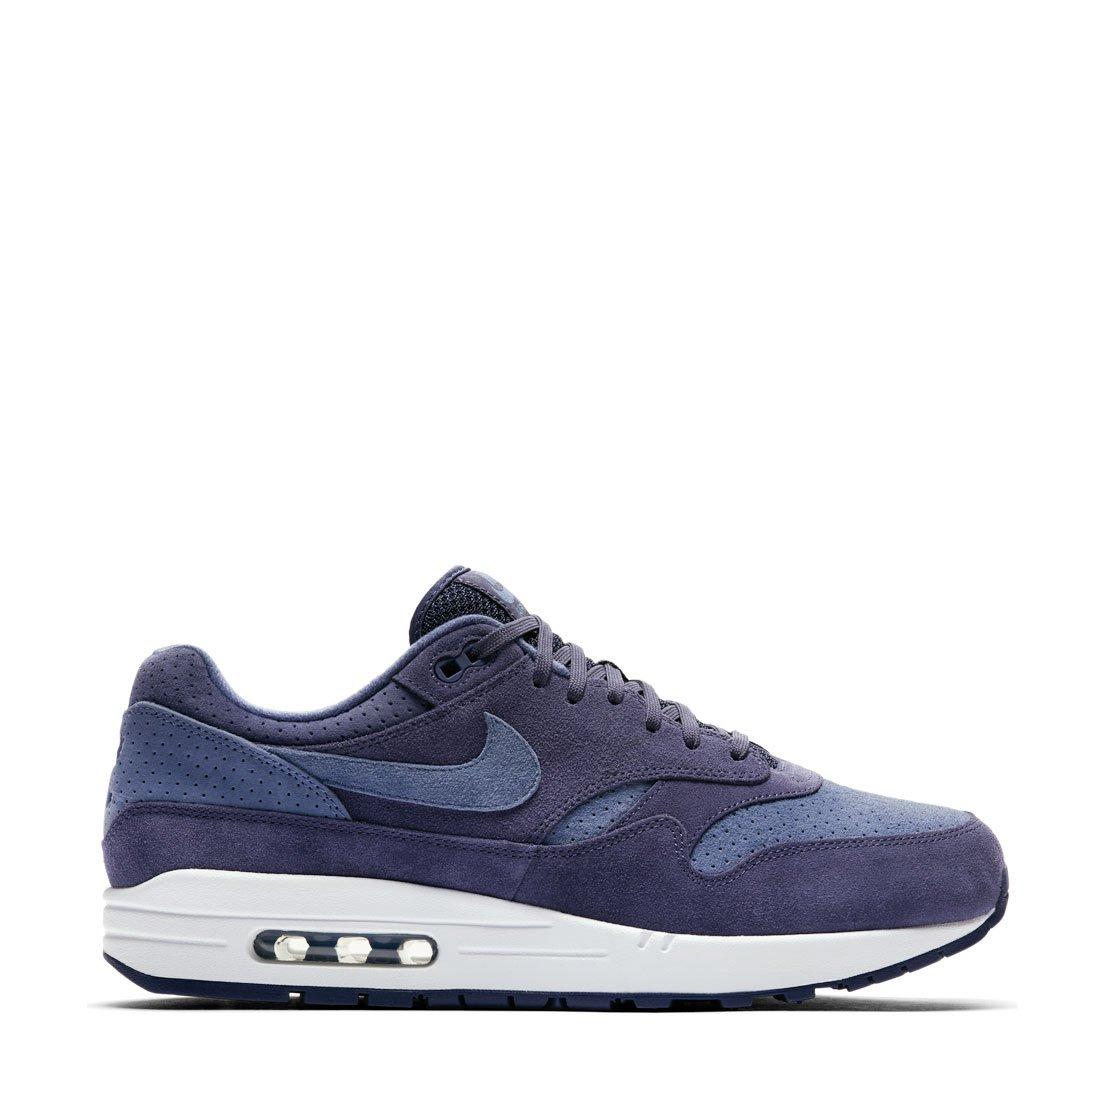 Zapatillas Nike Air MAX 1 Premium Indigo Azul Hombre 45 EU Neutral Indigo/Diffused Blue